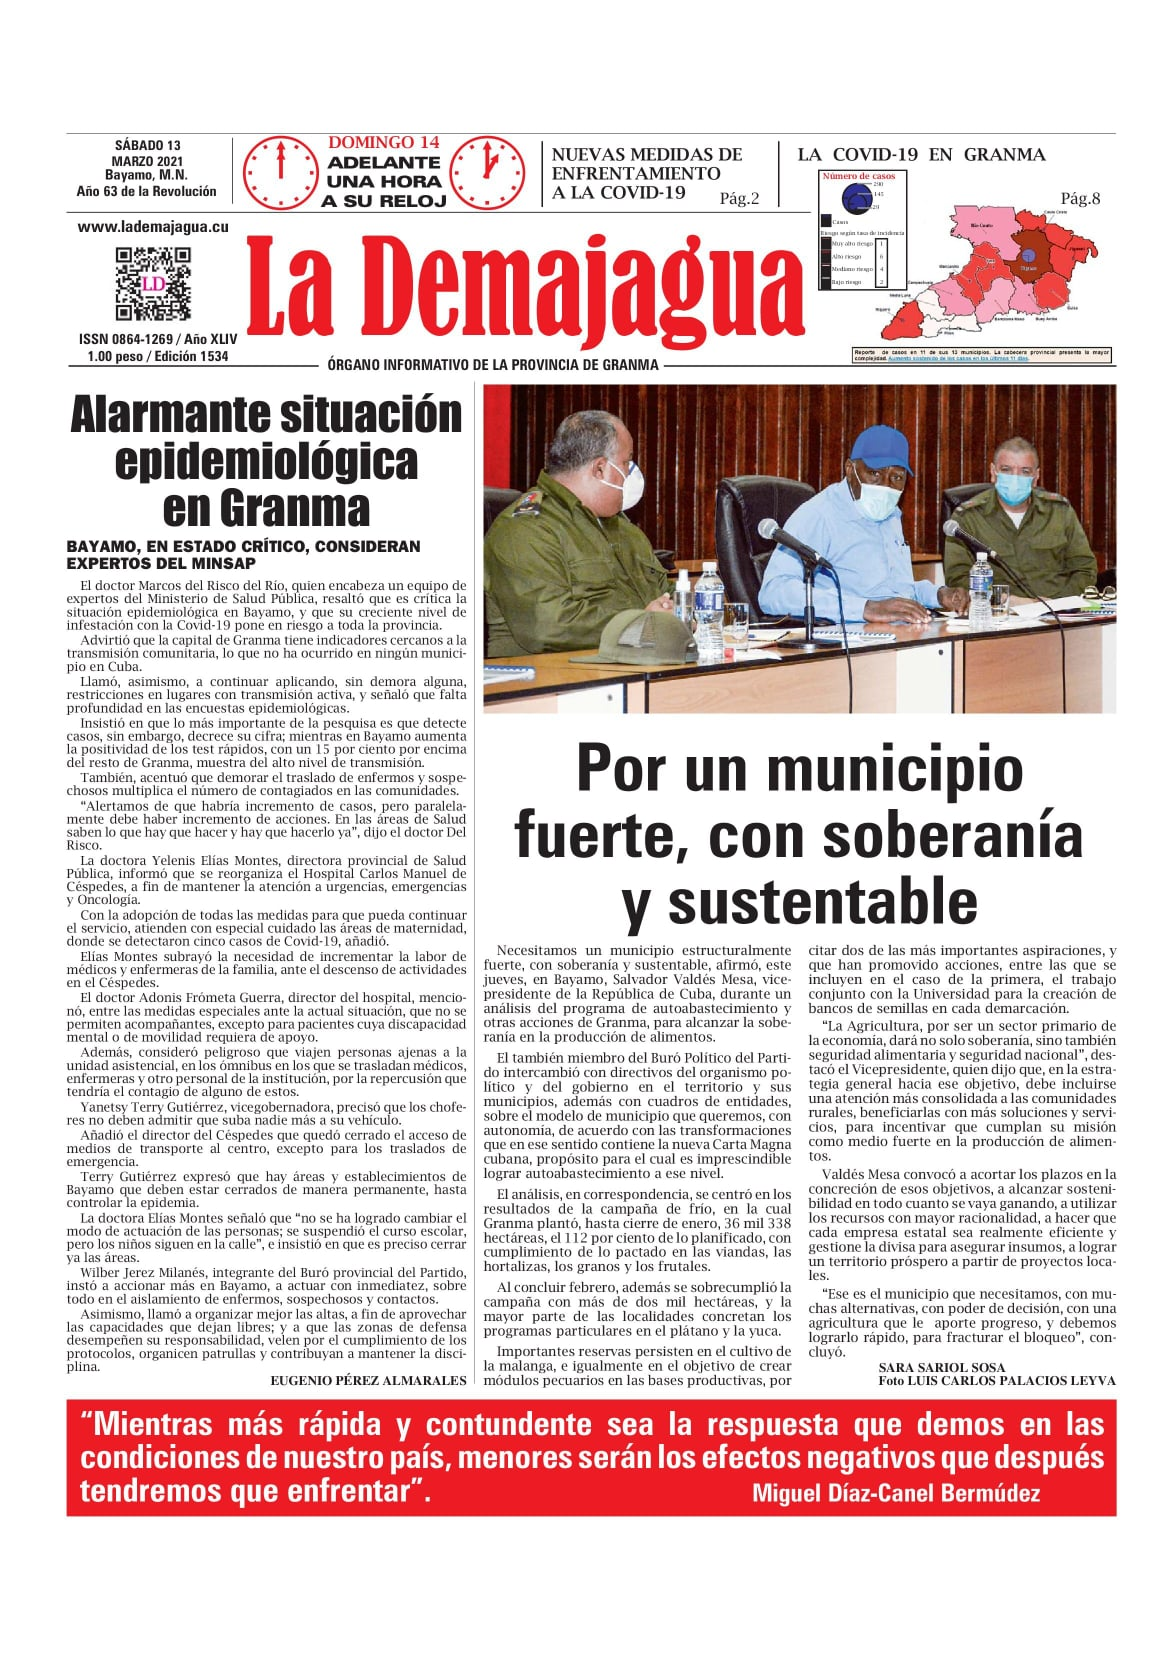 Edición impresa 1532 del semanario La Demajagua, sábado 27 de febrero 2021